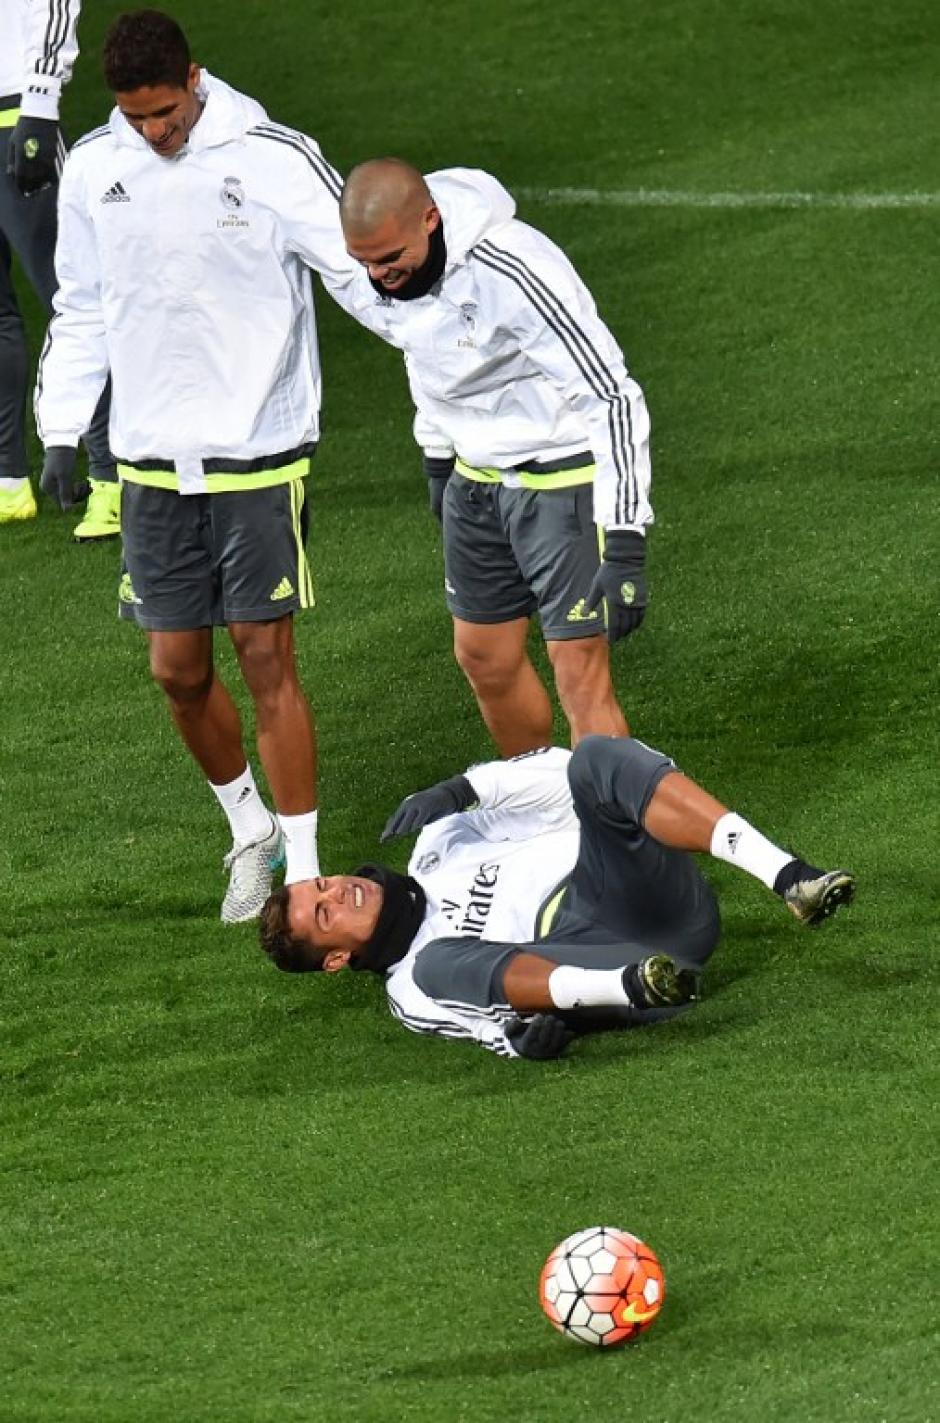 Pepe se disculpa con Cristiano Ronaldo tras una dura falta. (Foto: AFP)